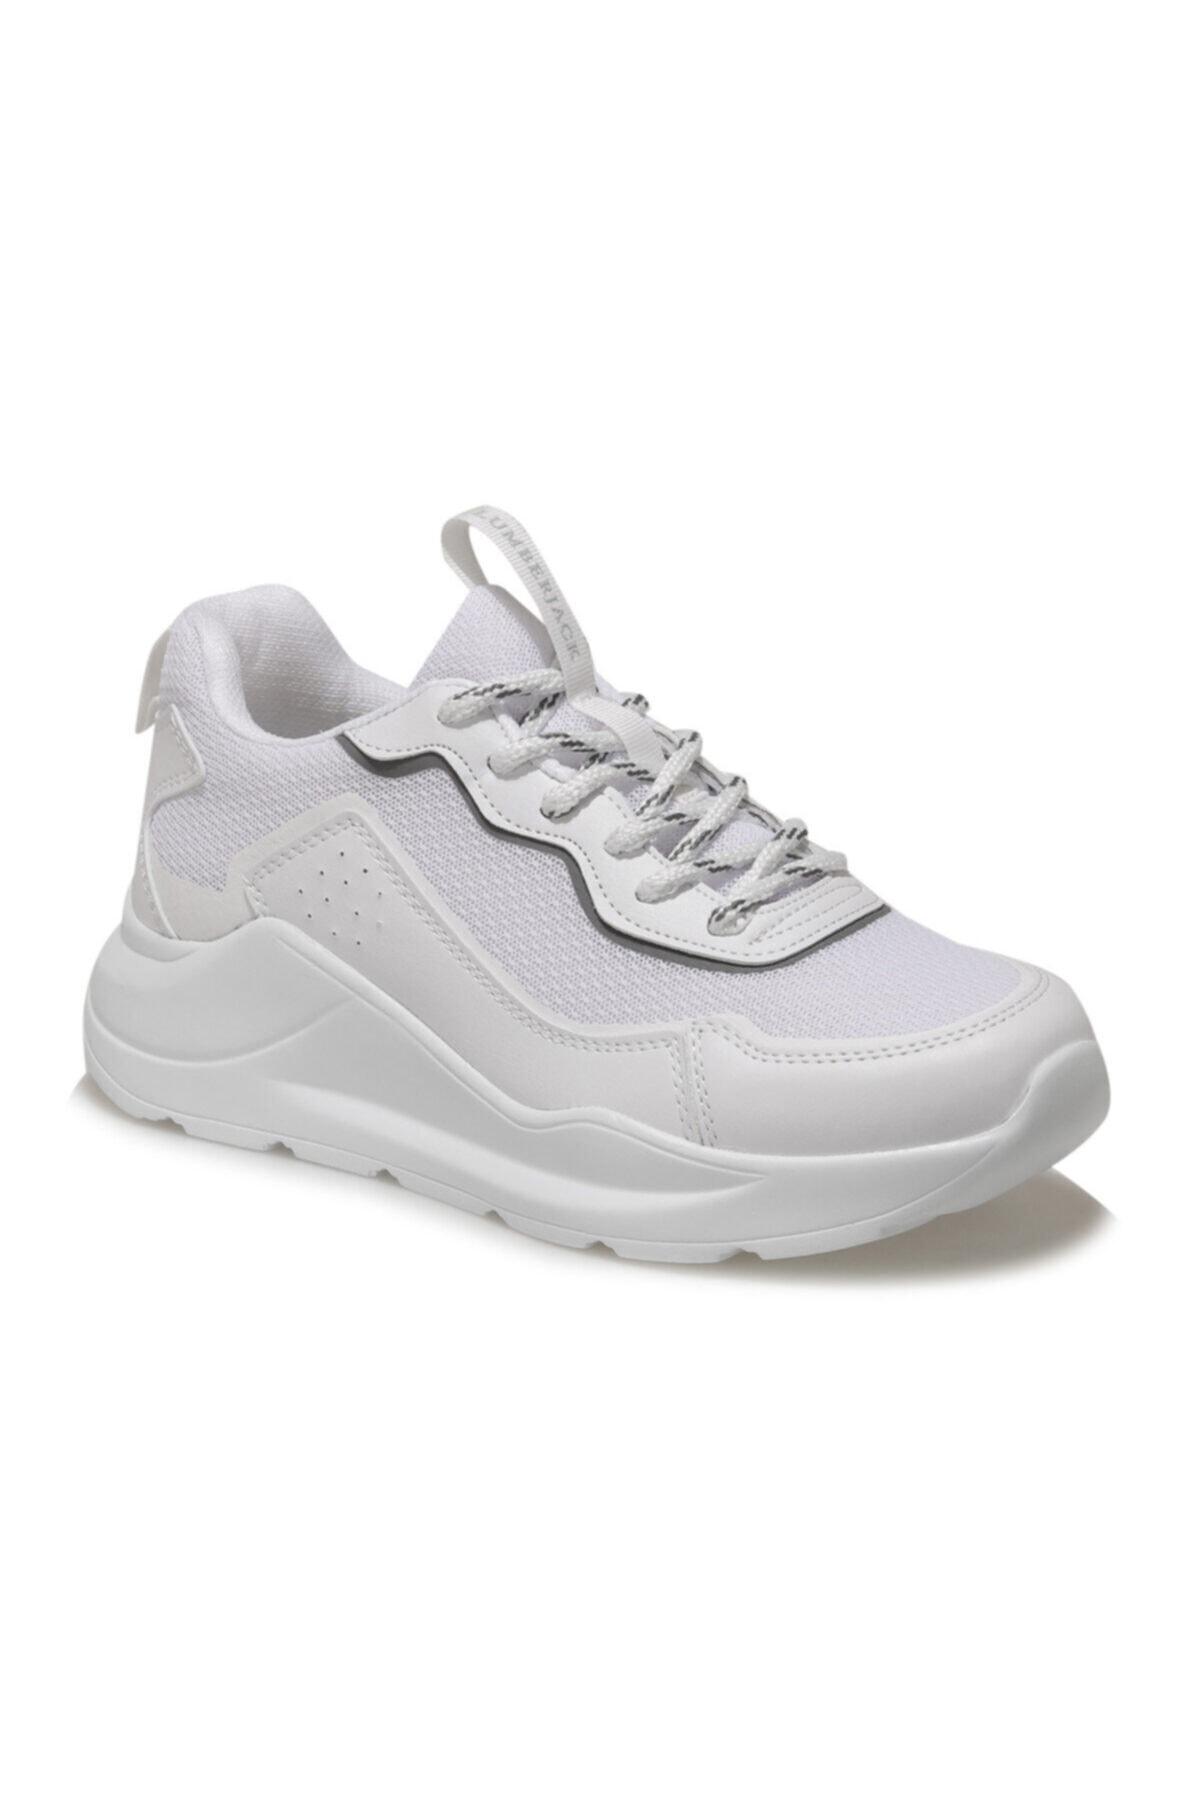 CLARA 1FX Beyaz Kadın Spor Ayakkabı 100696320